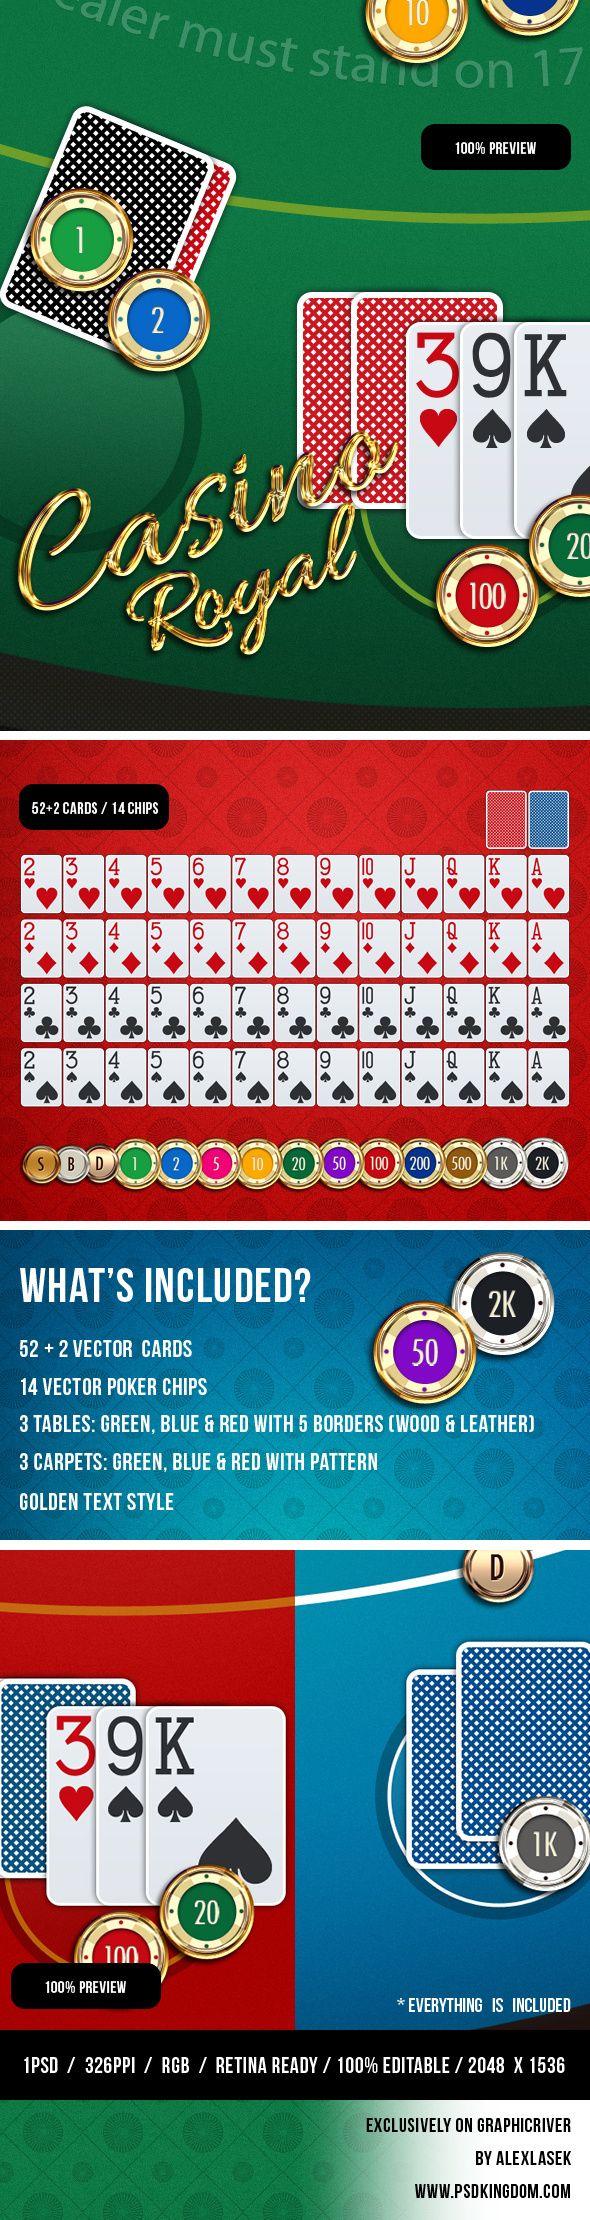 Casino Card Game GUI...